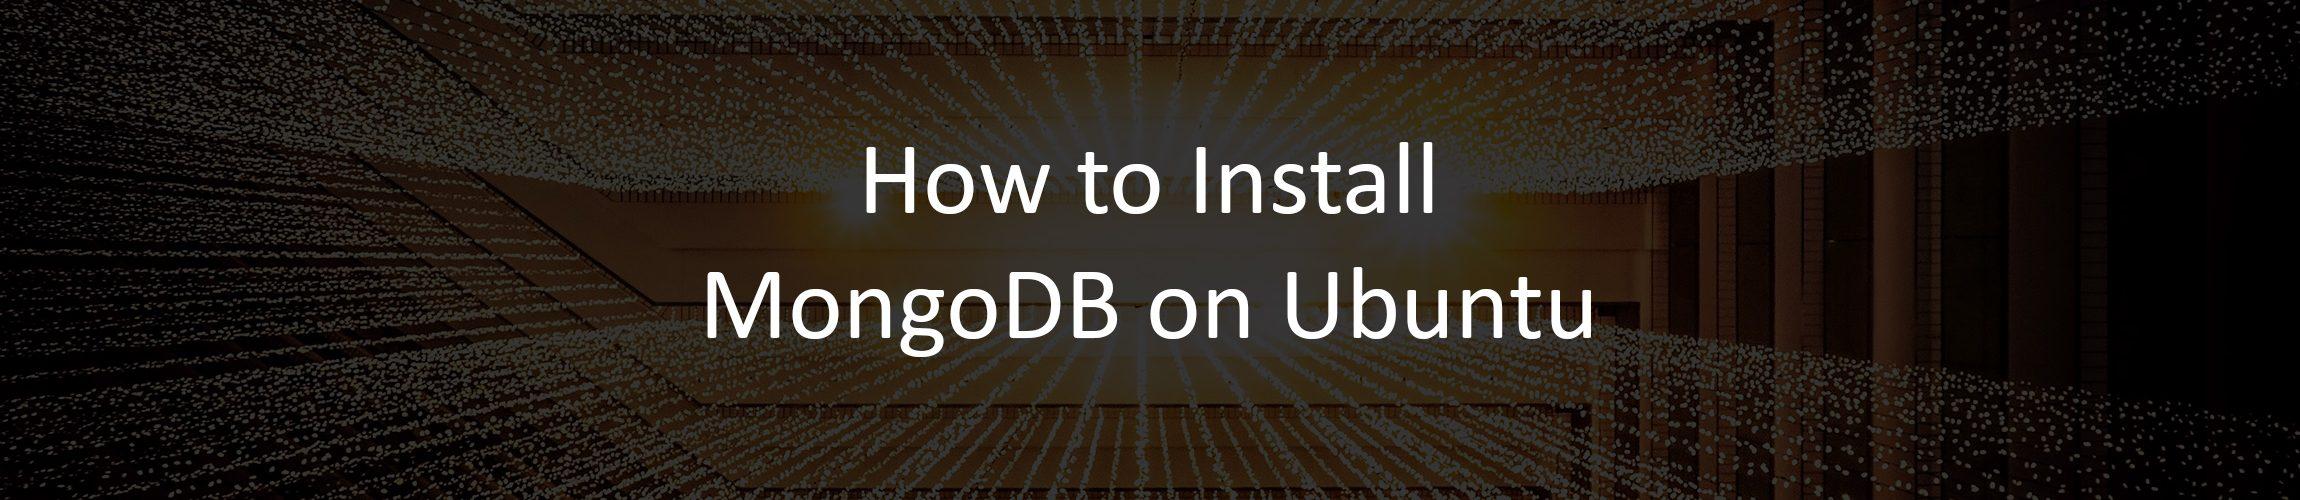 How to Install MongoDB 5 on Ubuntu 20.04